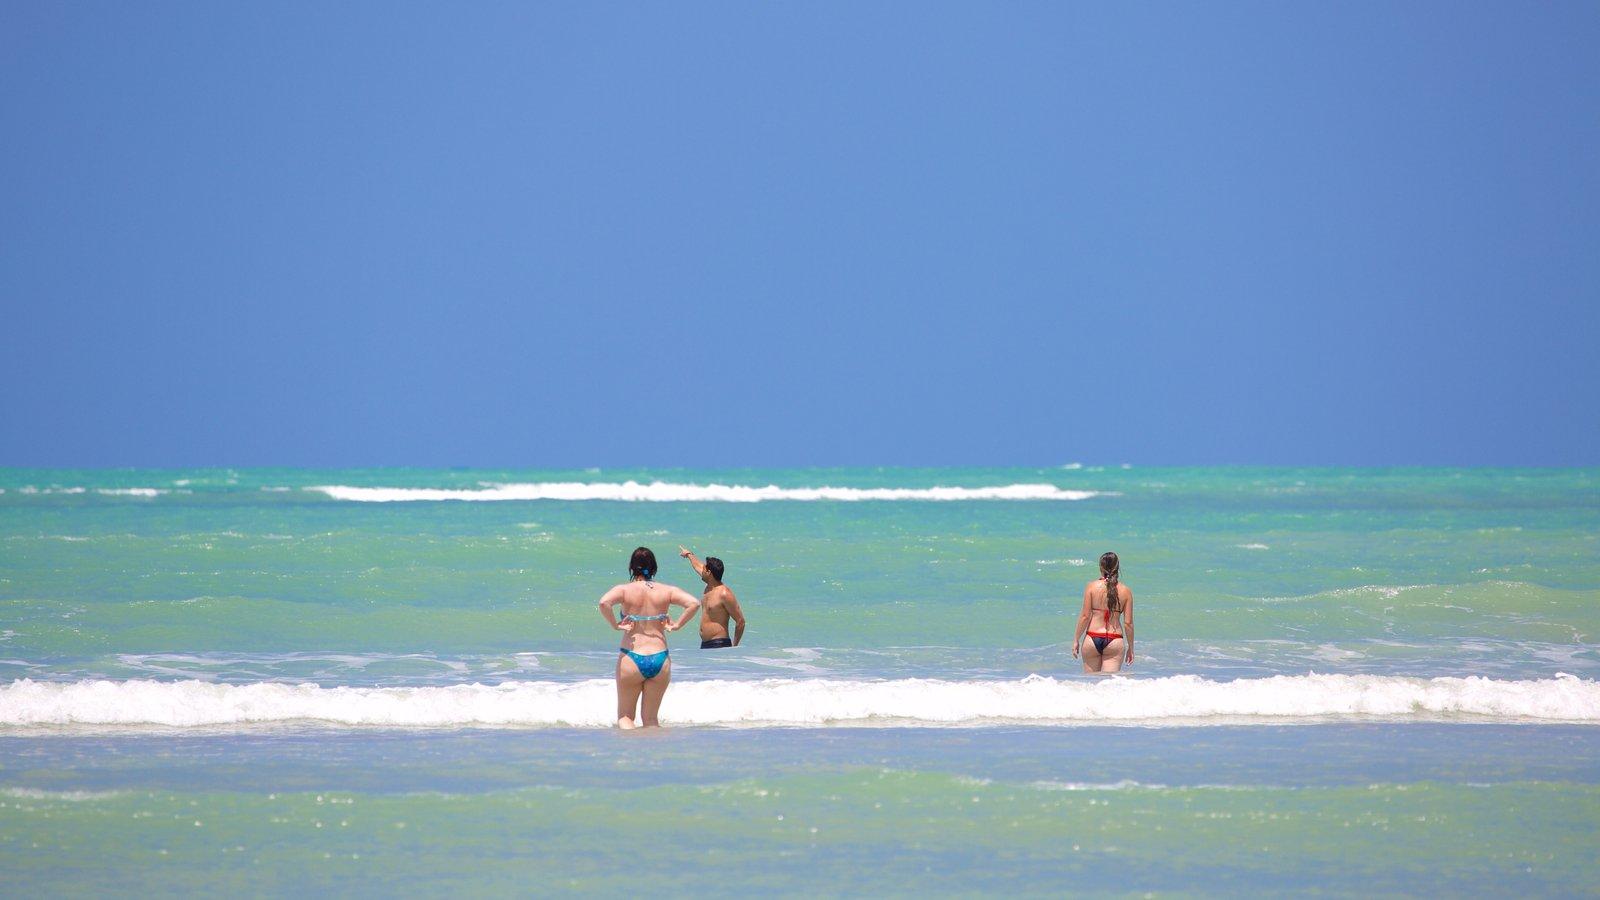 Praia de Paripueira que inclui natação, surfe e paisagens litorâneas